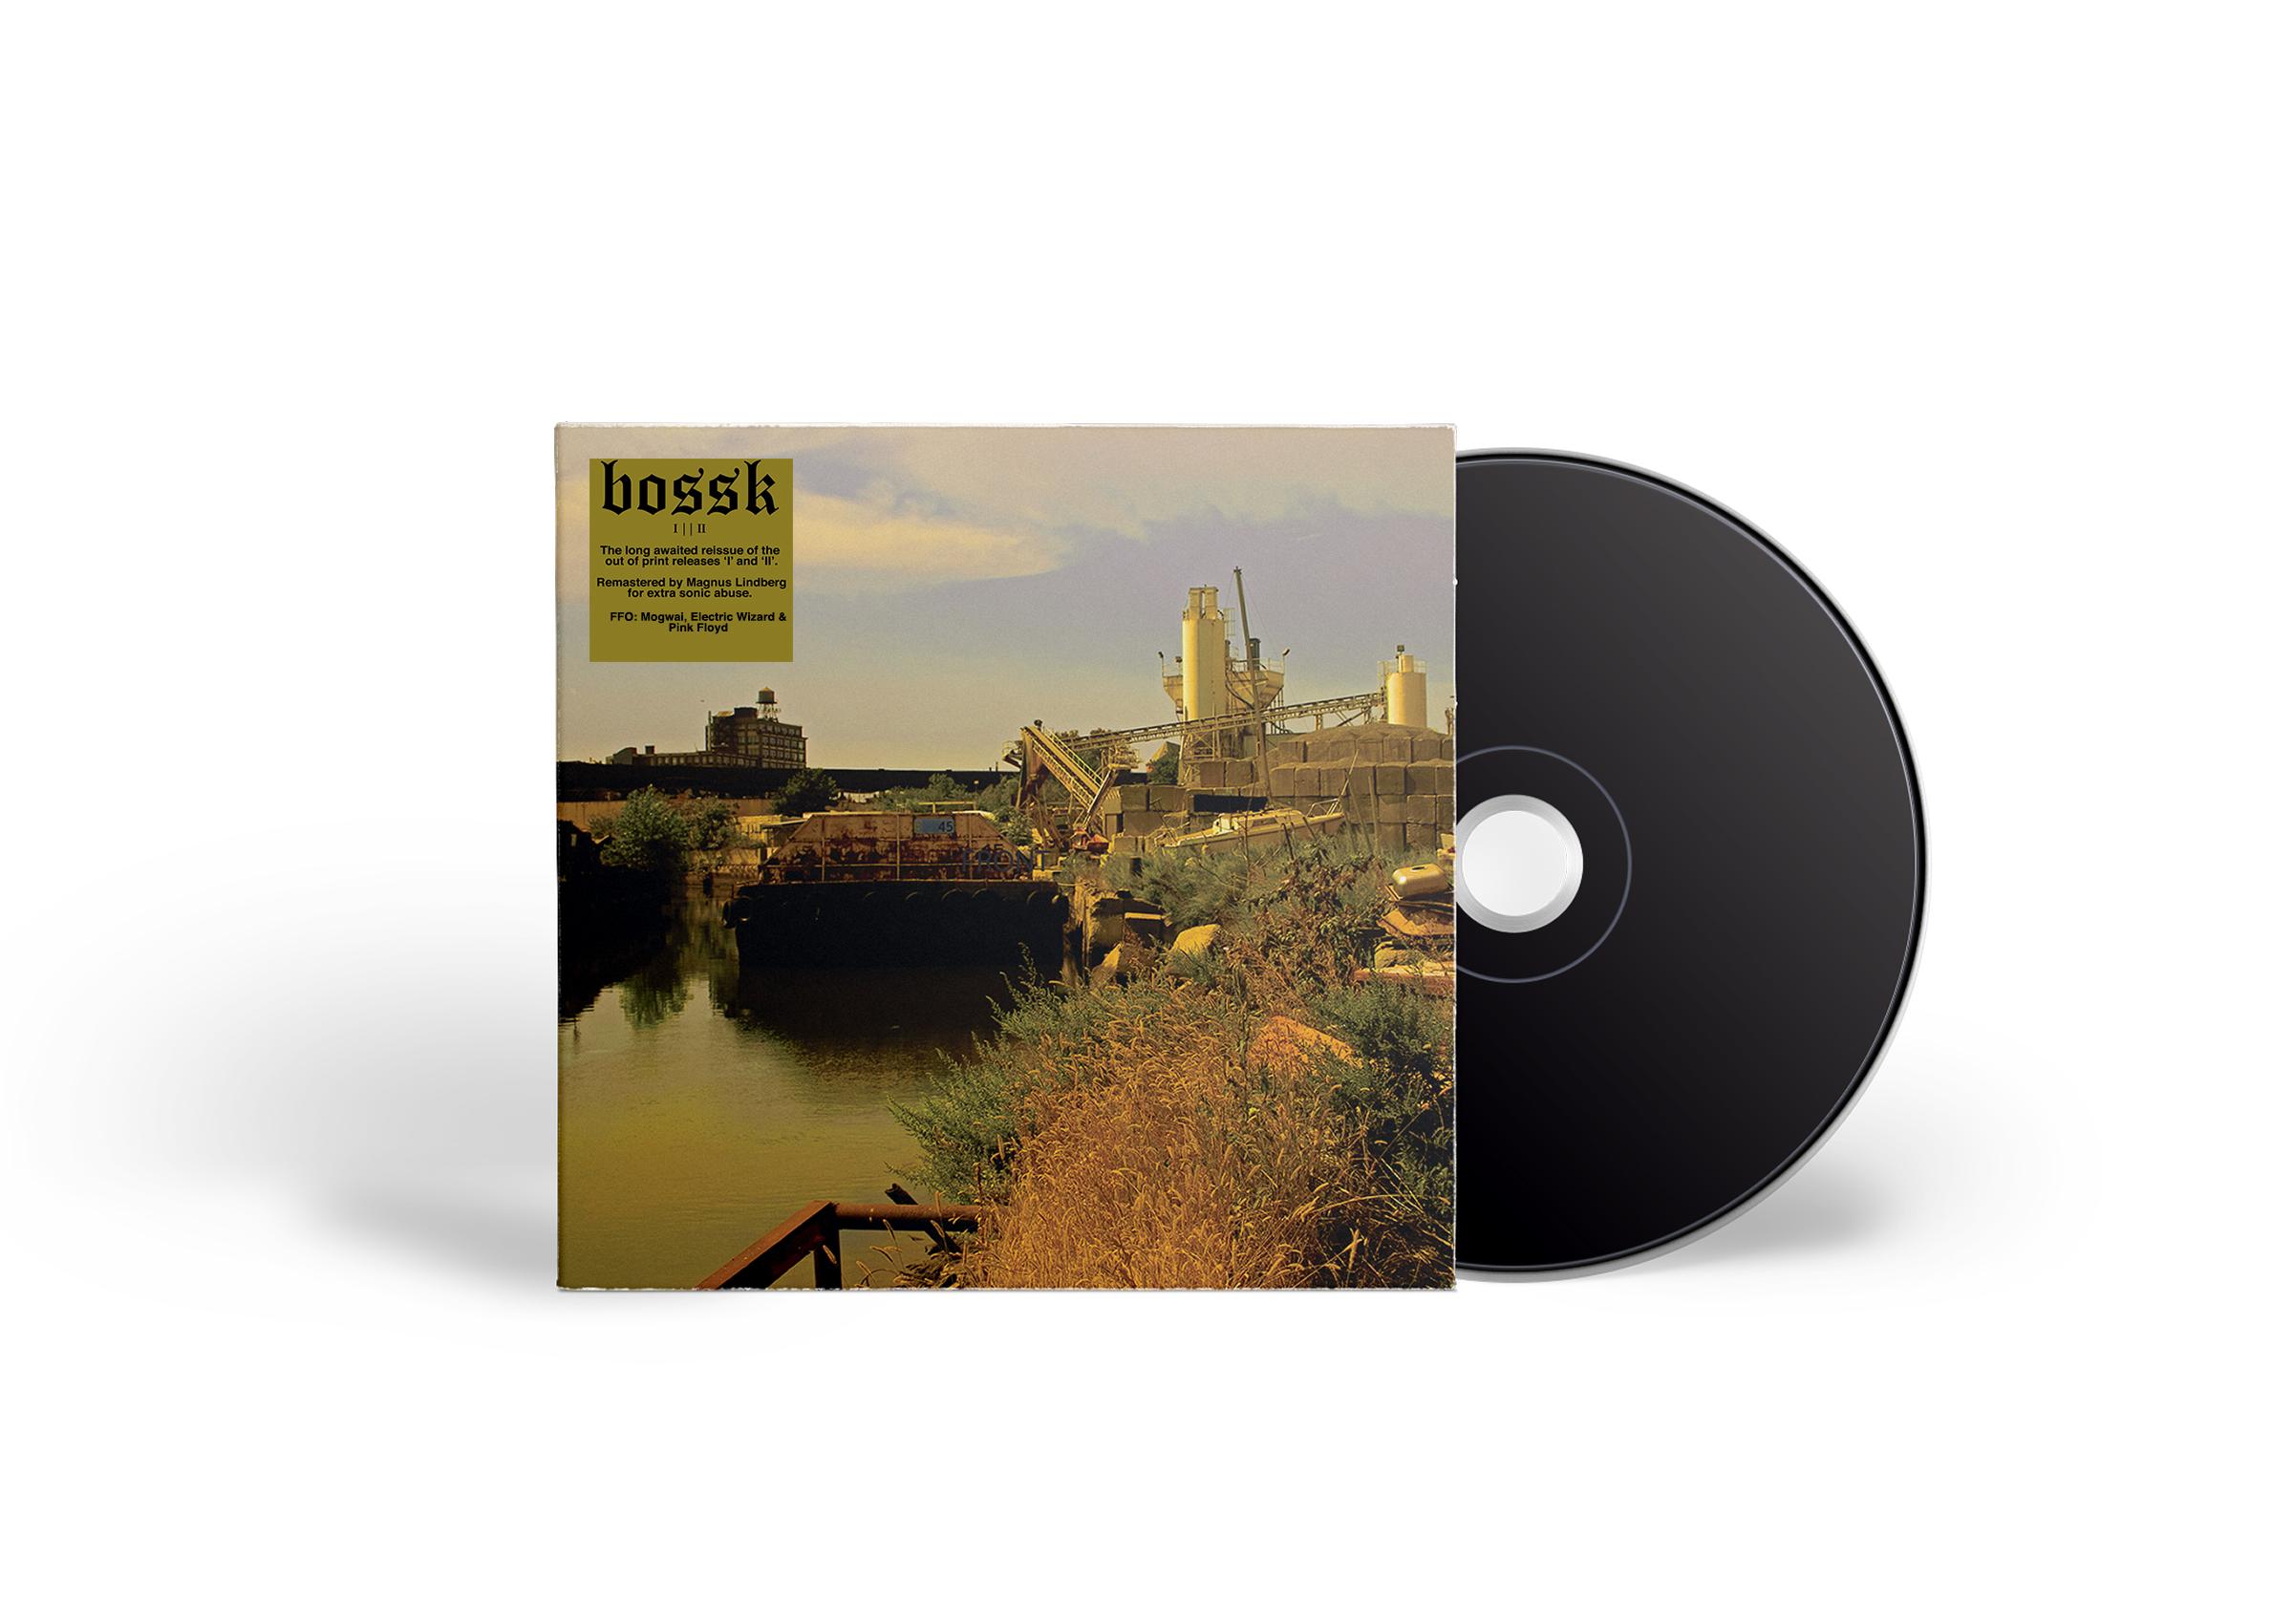 Bossk - I II Reissue